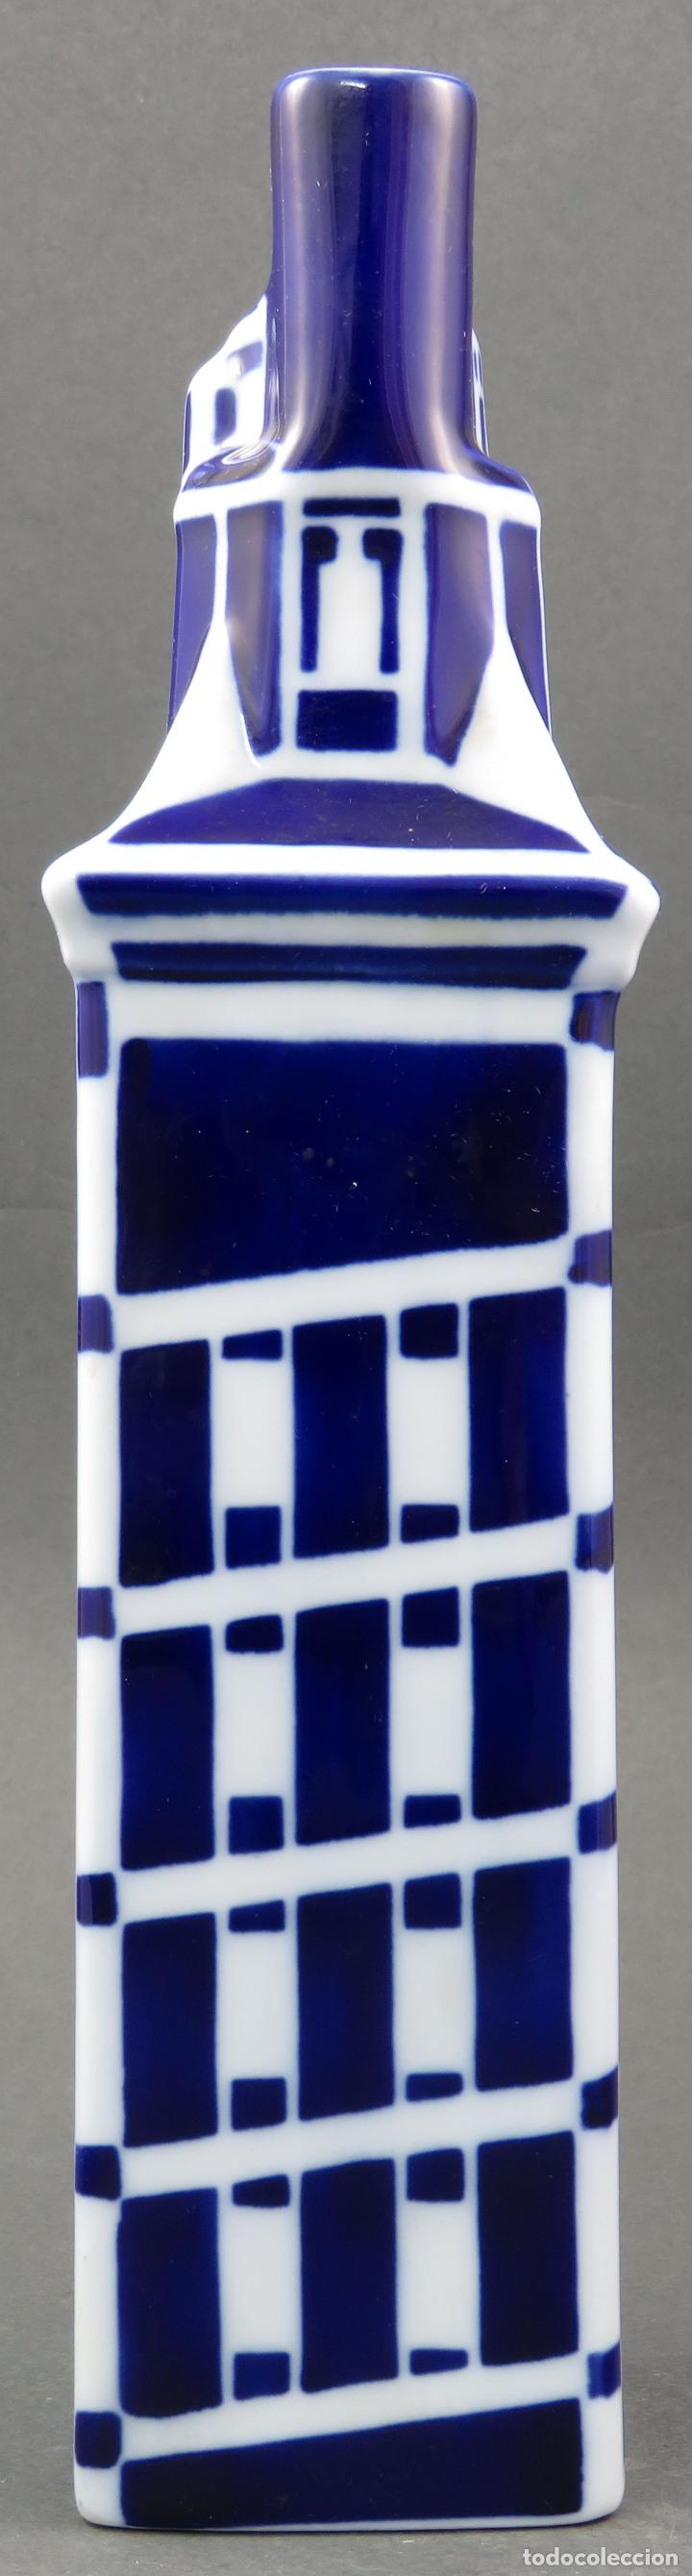 Antigüedades: Botella Torre de Hercules en cerámica Castro Sargadelos siglo XX - Foto 3 - 144074990